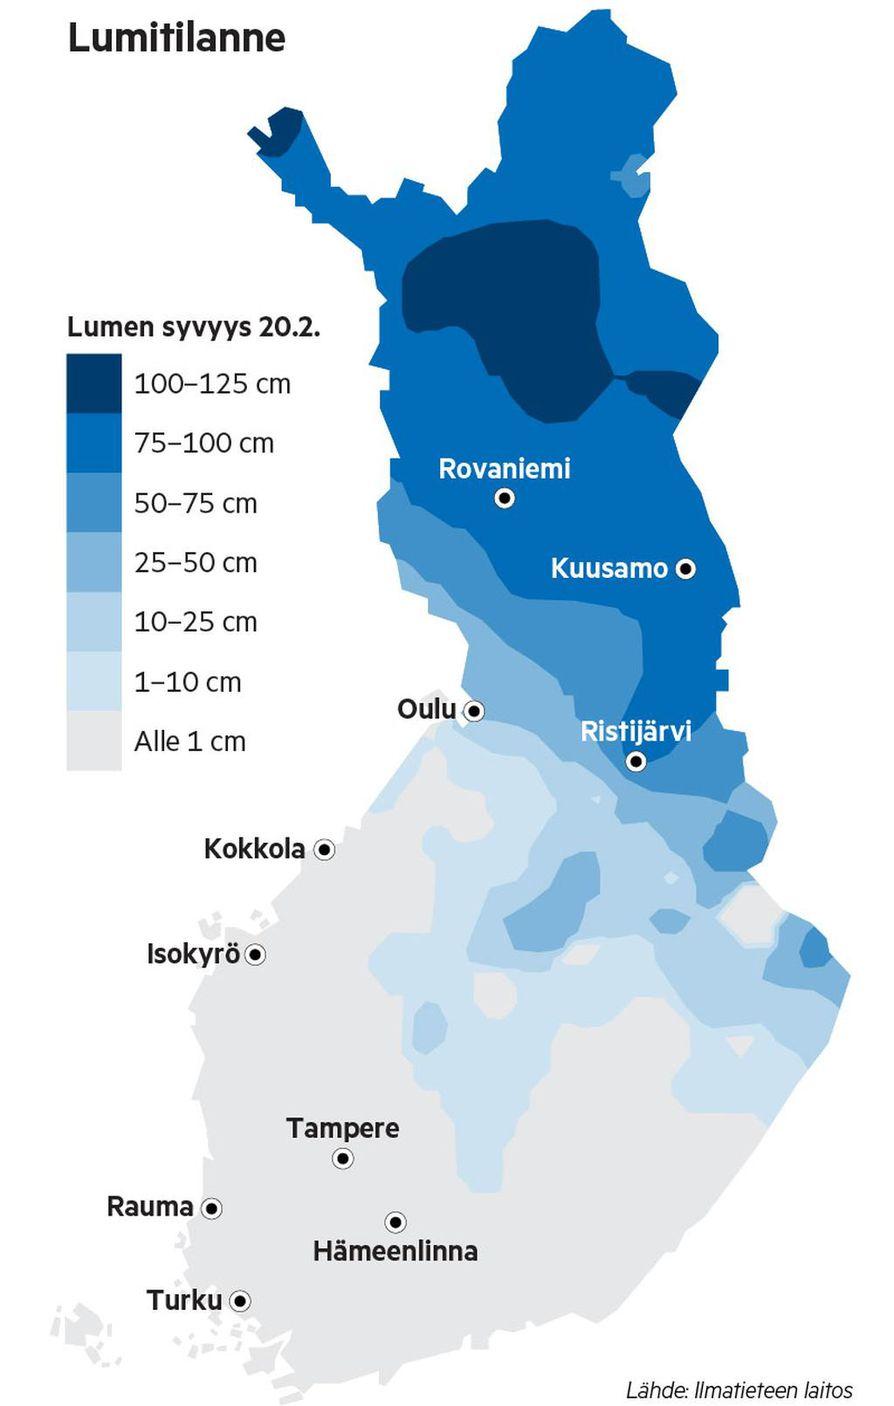 Ilmatieteen laitoksen lumitilannekartta kertoo, että lumipeitteisen alueen raja on poikkeuksellisen jyrkkäpiirteinen. Perämeren pohjukasta Pohjois-Savoon ulottuvan linjan eteläpuolella lunta on korkeintaan senttejä, pohjoisempana jopa pitkälle toista metriä.